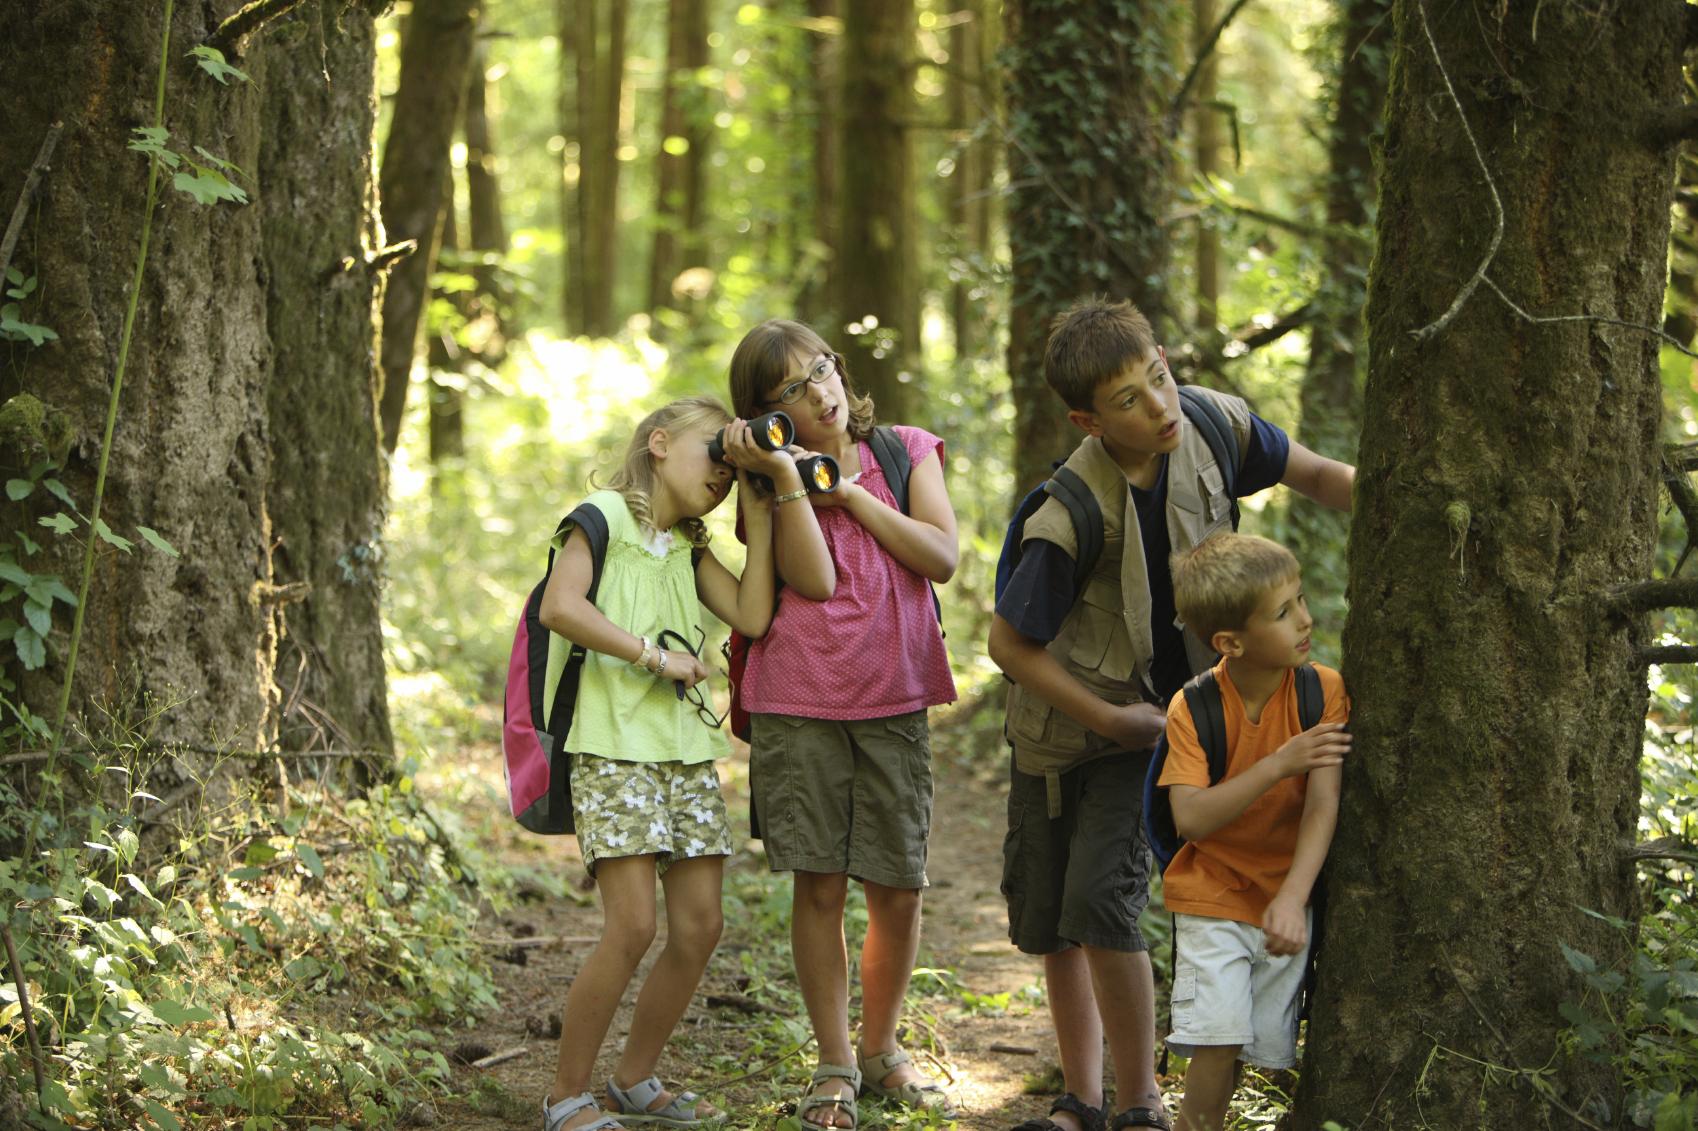 Let's Go Birding: Birding with Children